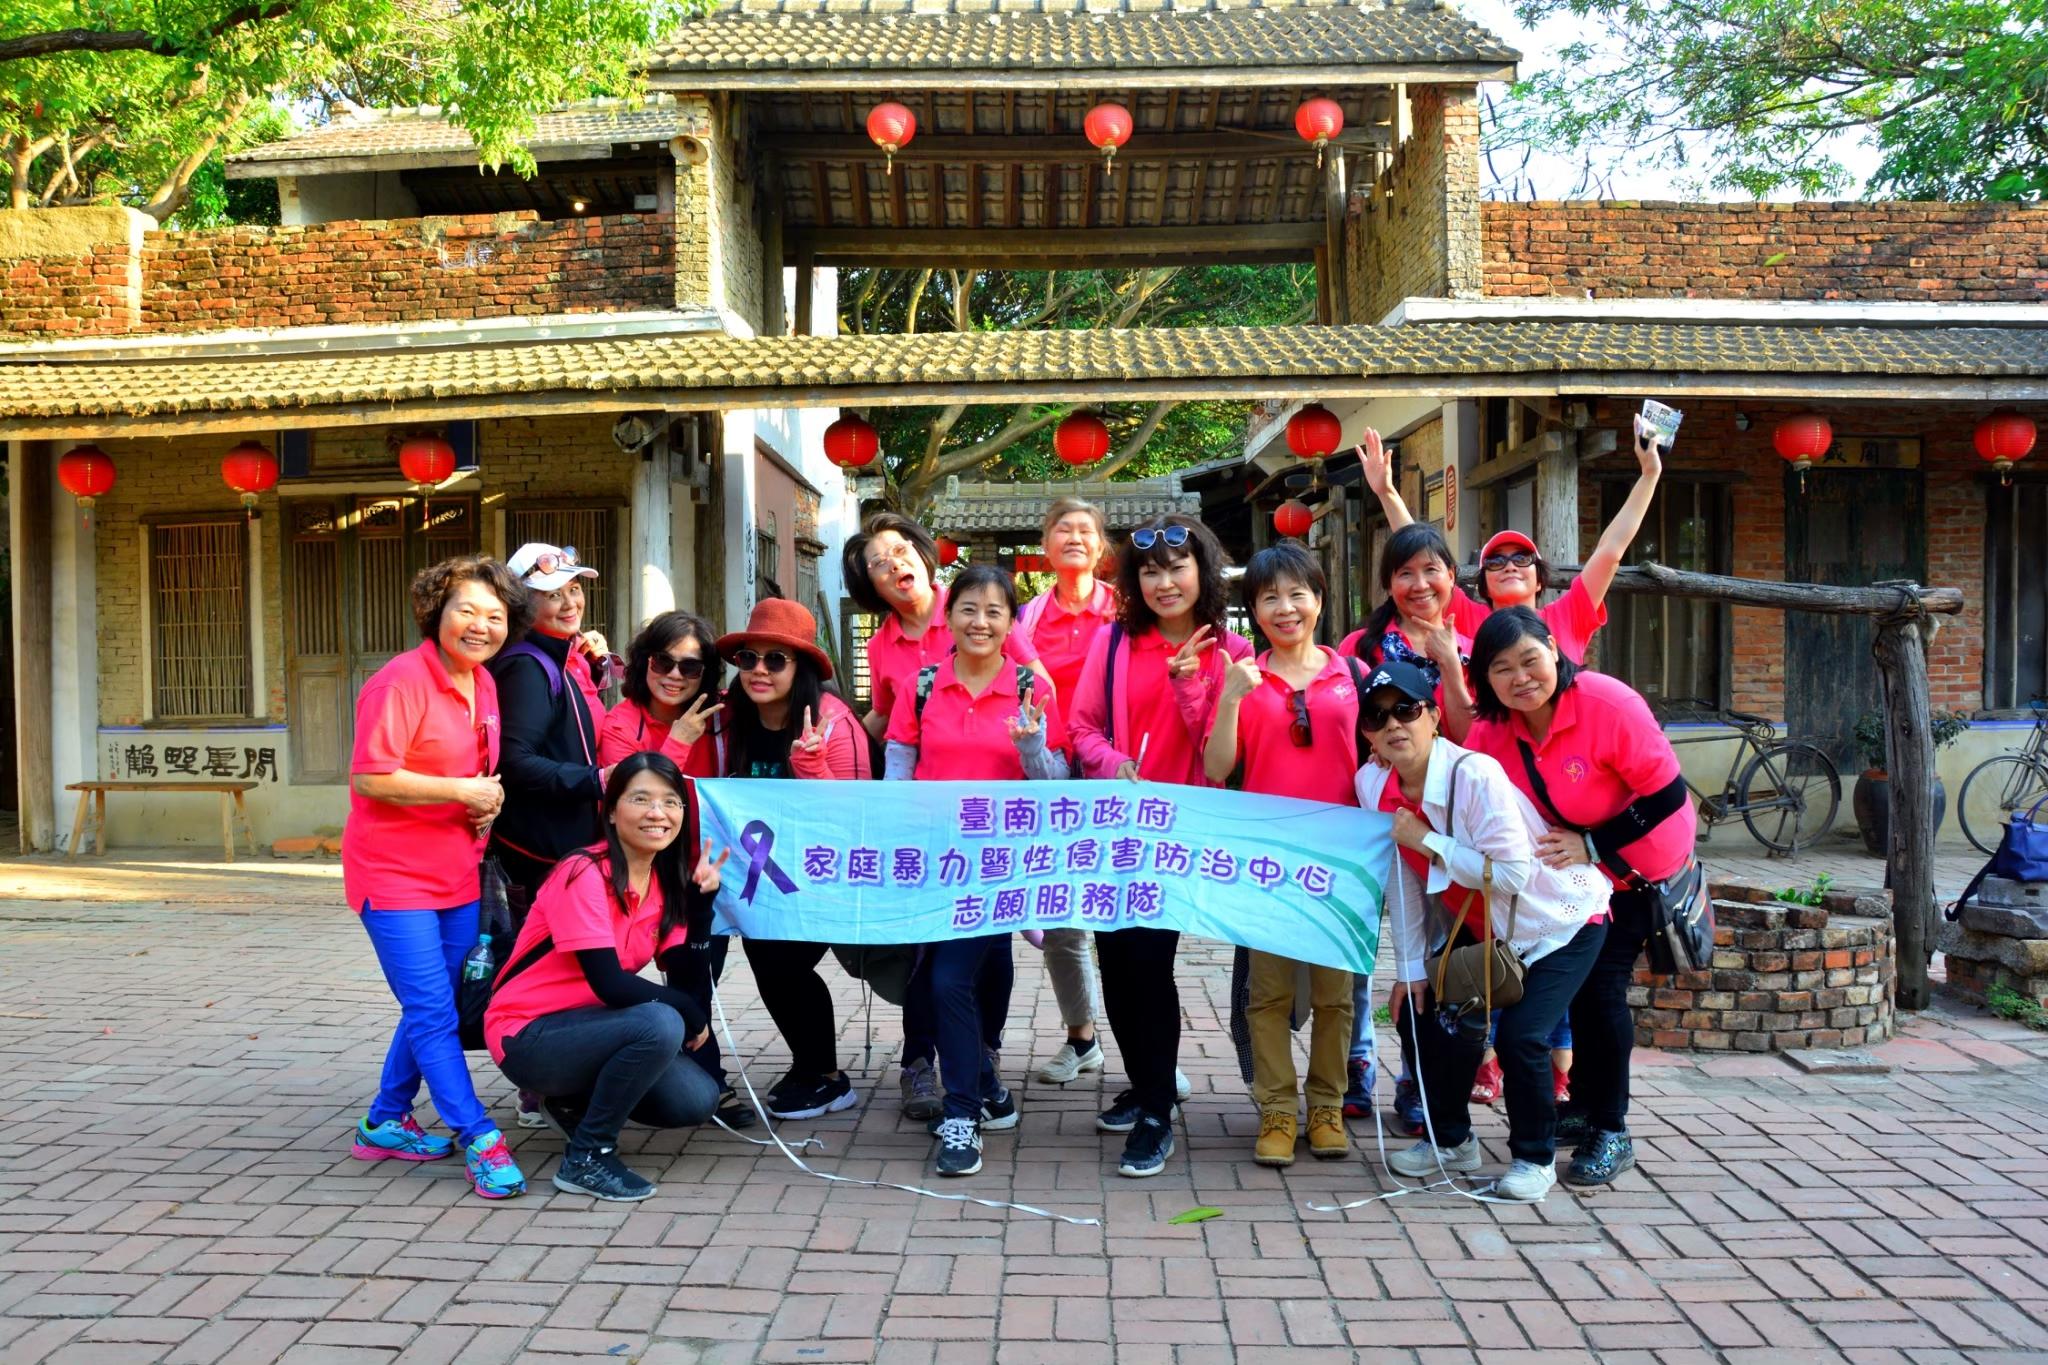 志工服務隊參加一年一次社福機構參訪照片